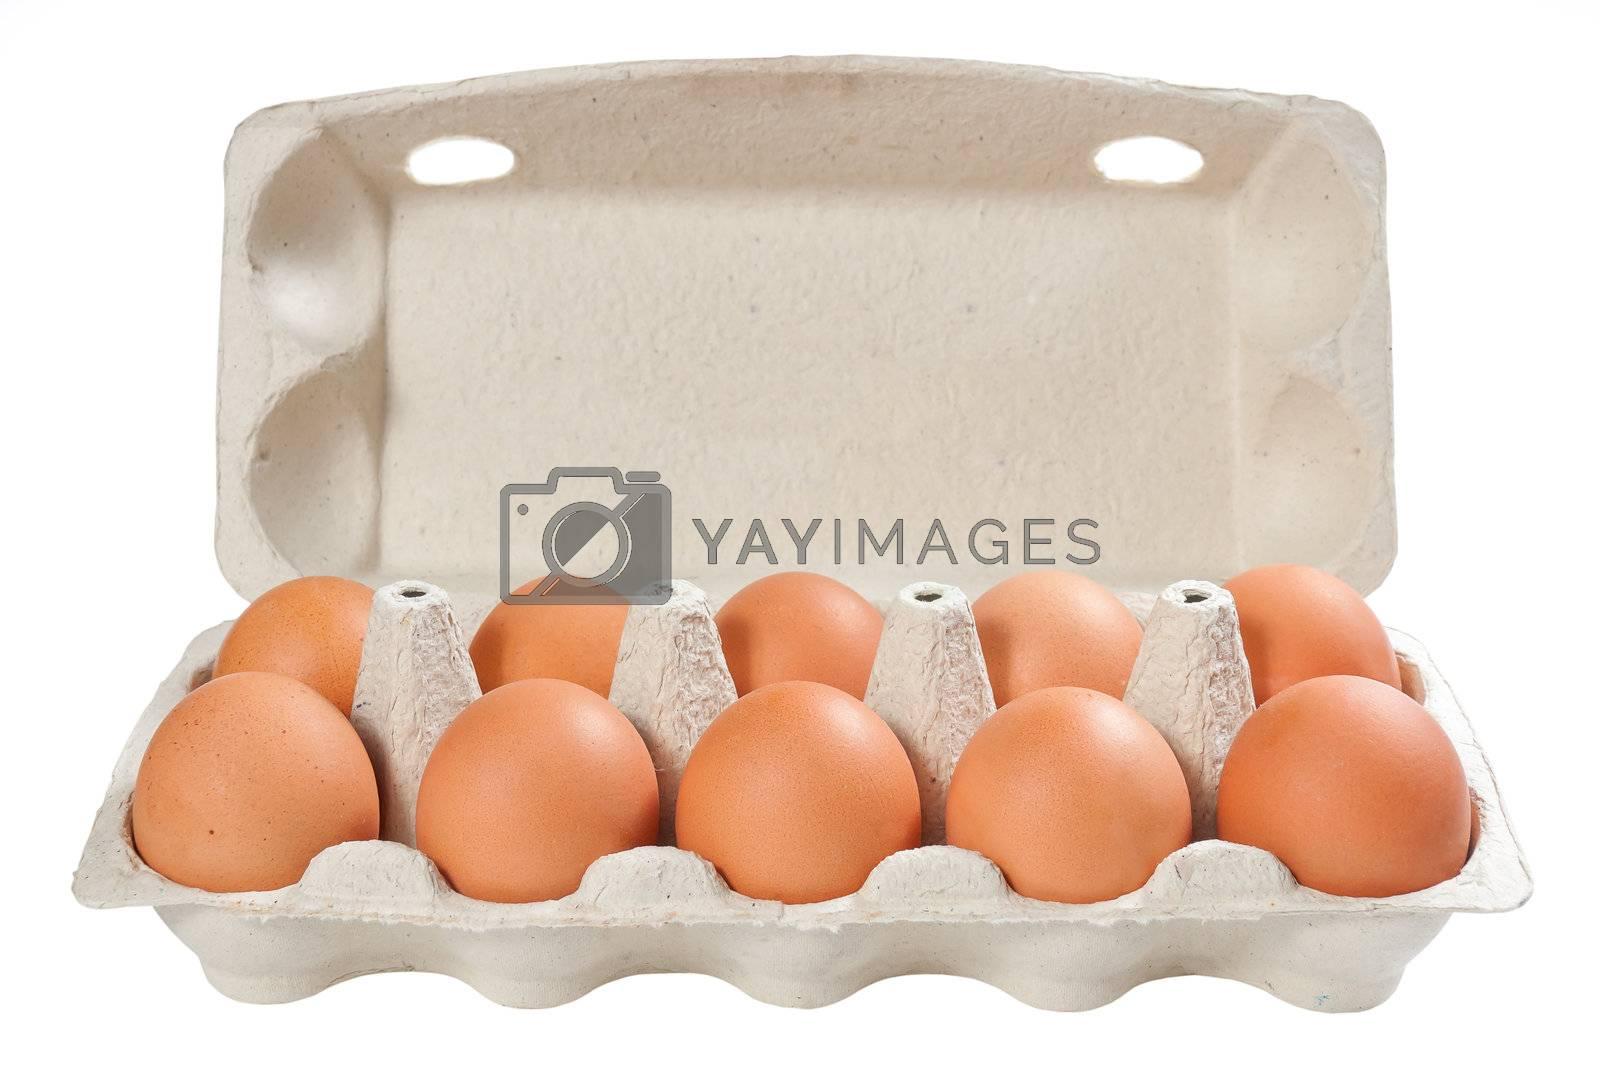 Eggs in open carton package by firewings